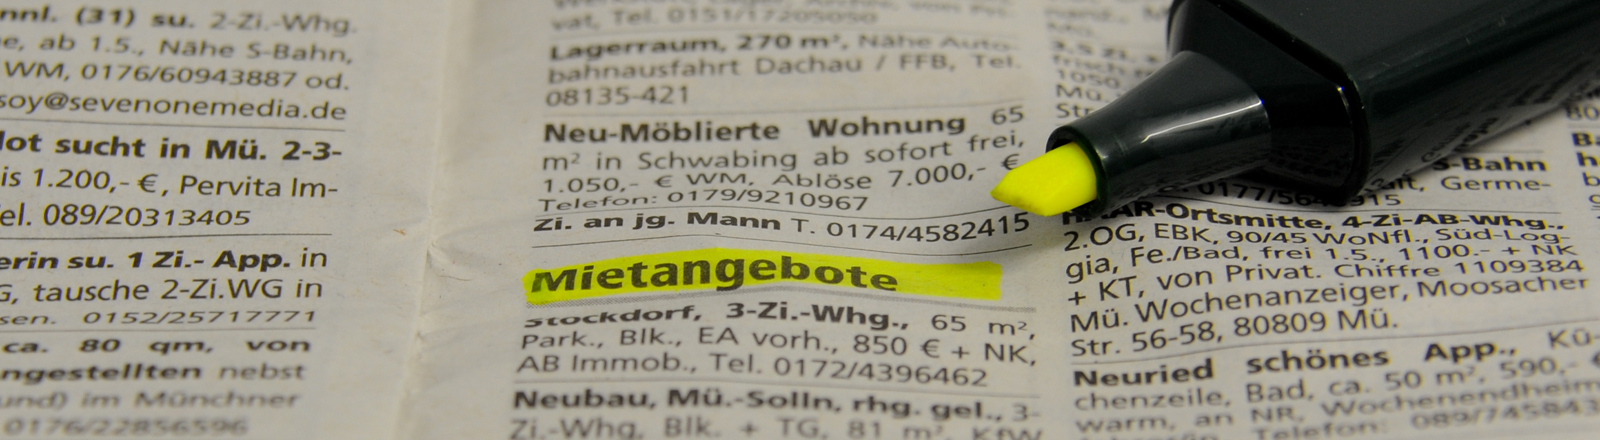 Ein Textmarker liegt am 23.03.2015 auf dem Immobilienteil einer Zeitung in München (Bayern). In Großstädten wie München suchen viele monatelang nach einer Wohnung.